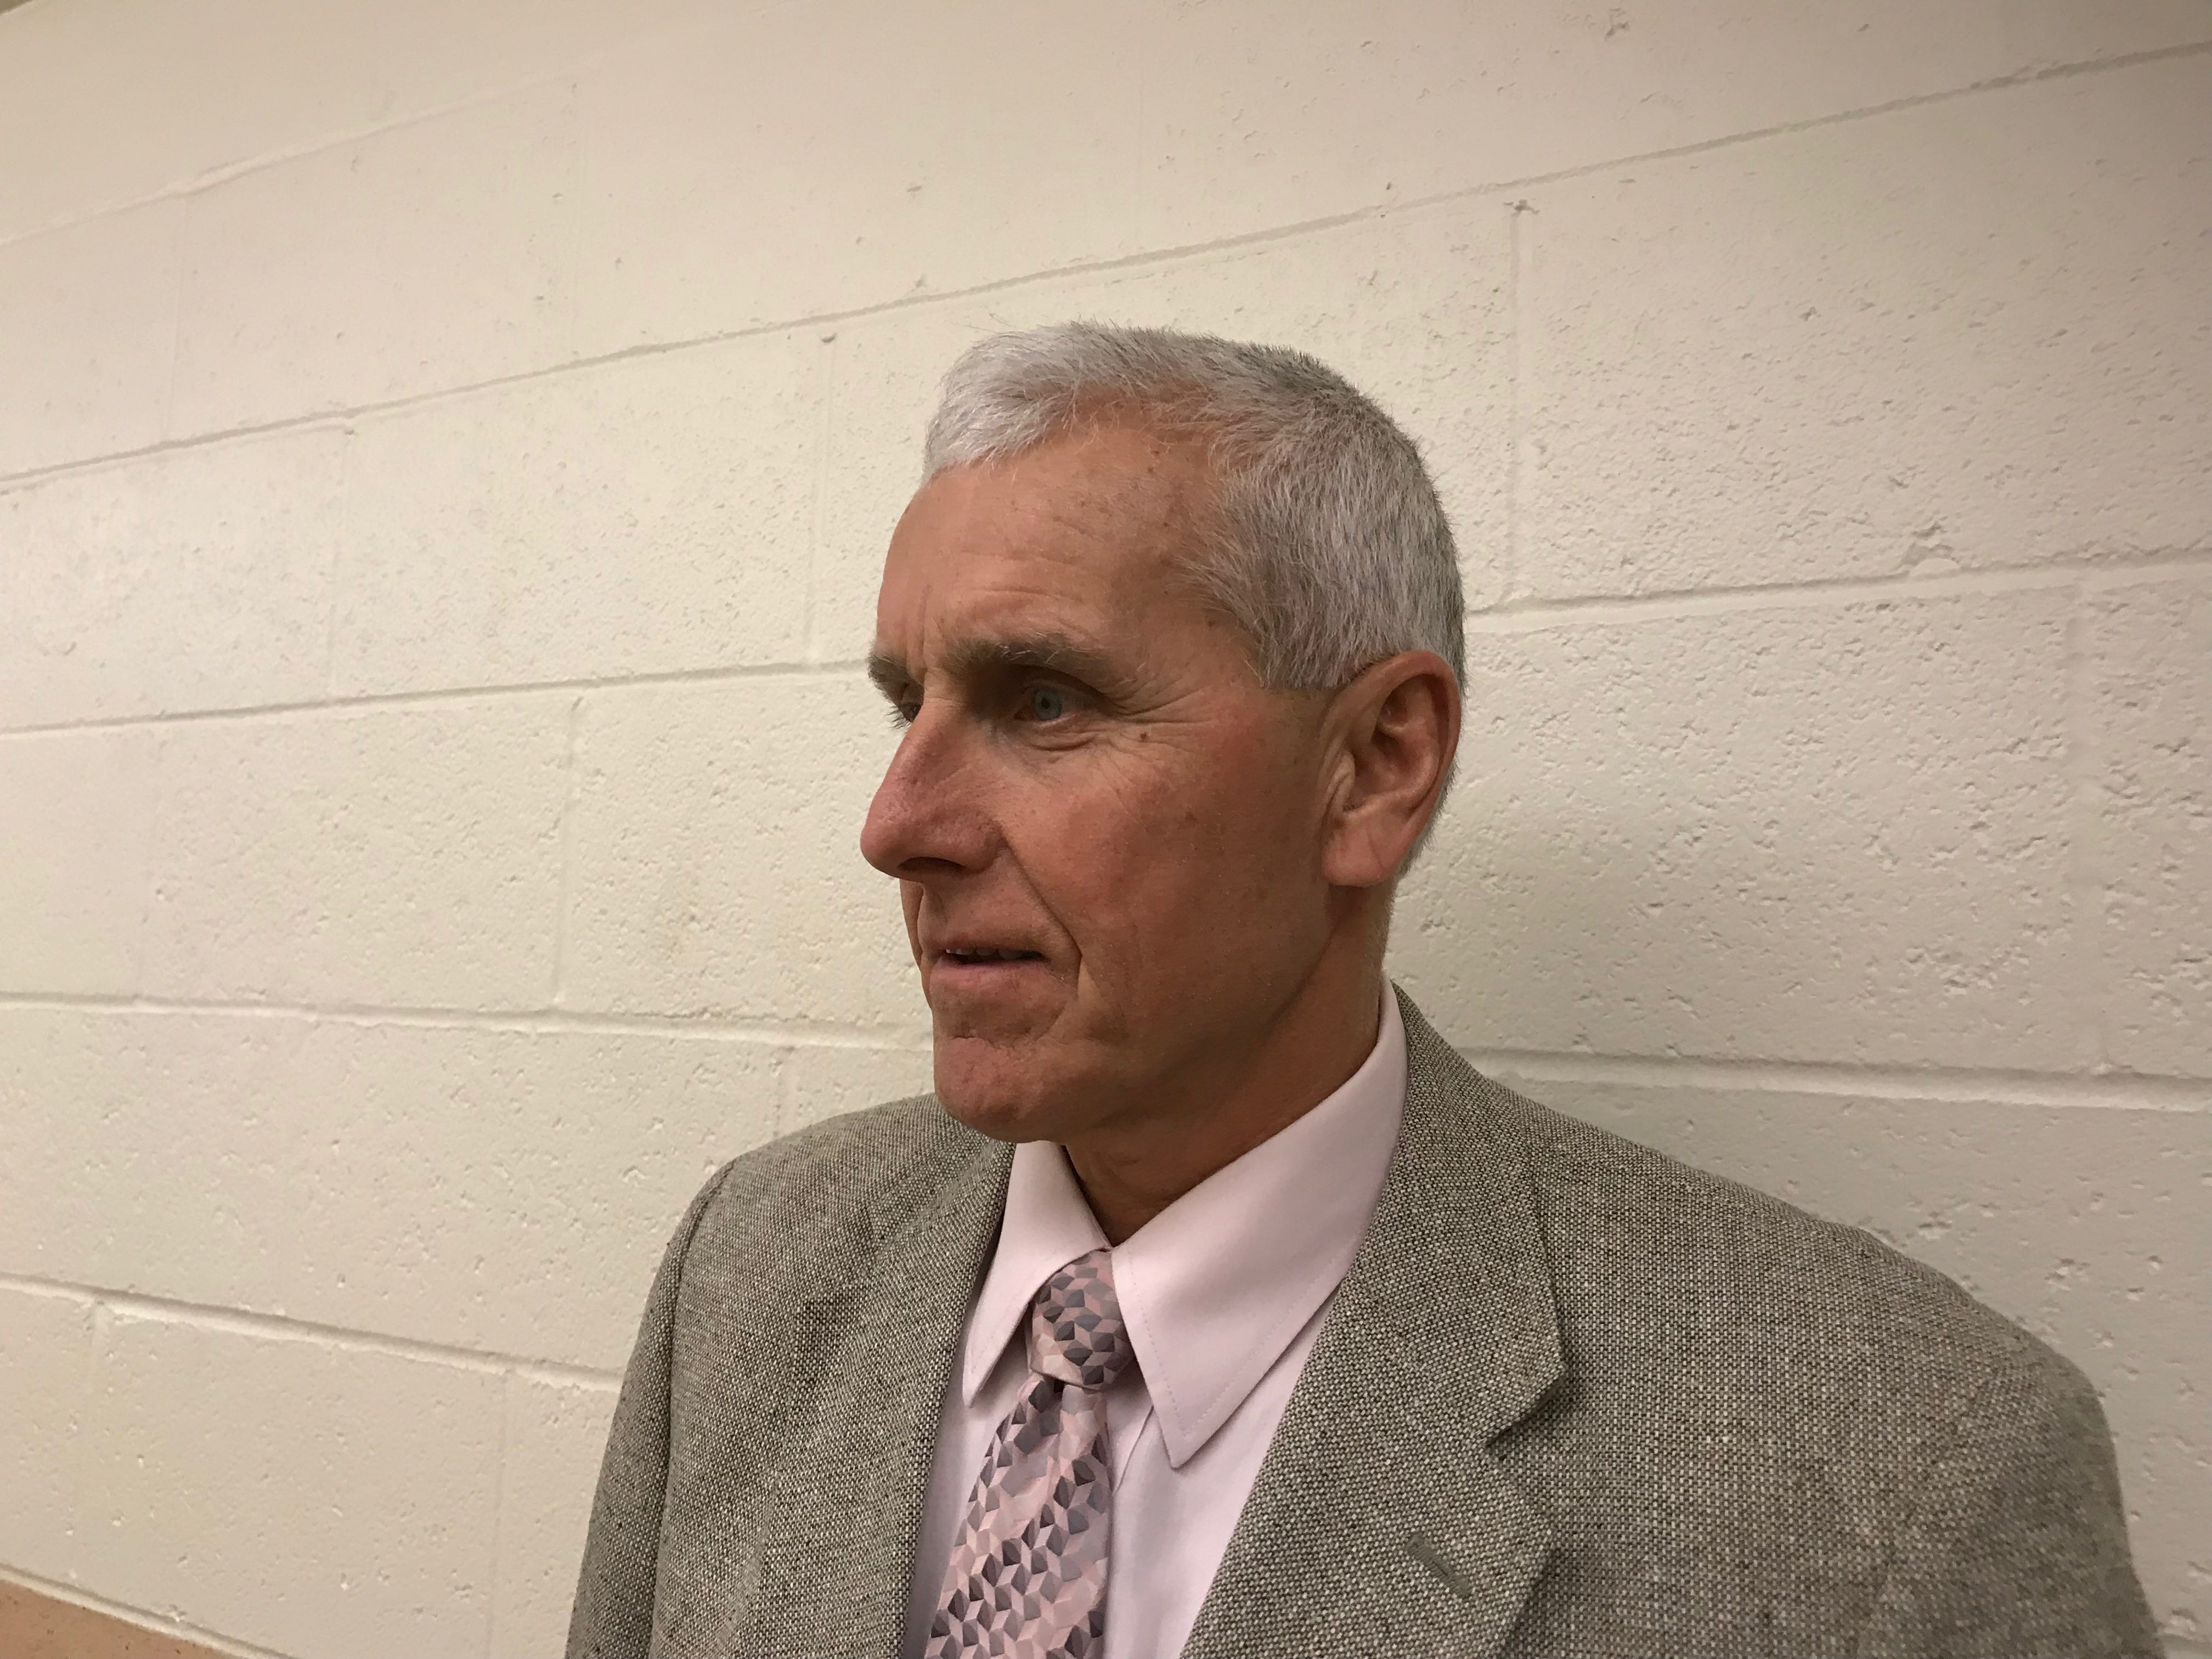 Accomack County Supervisor Billy Joe Tarr of Chincoteague